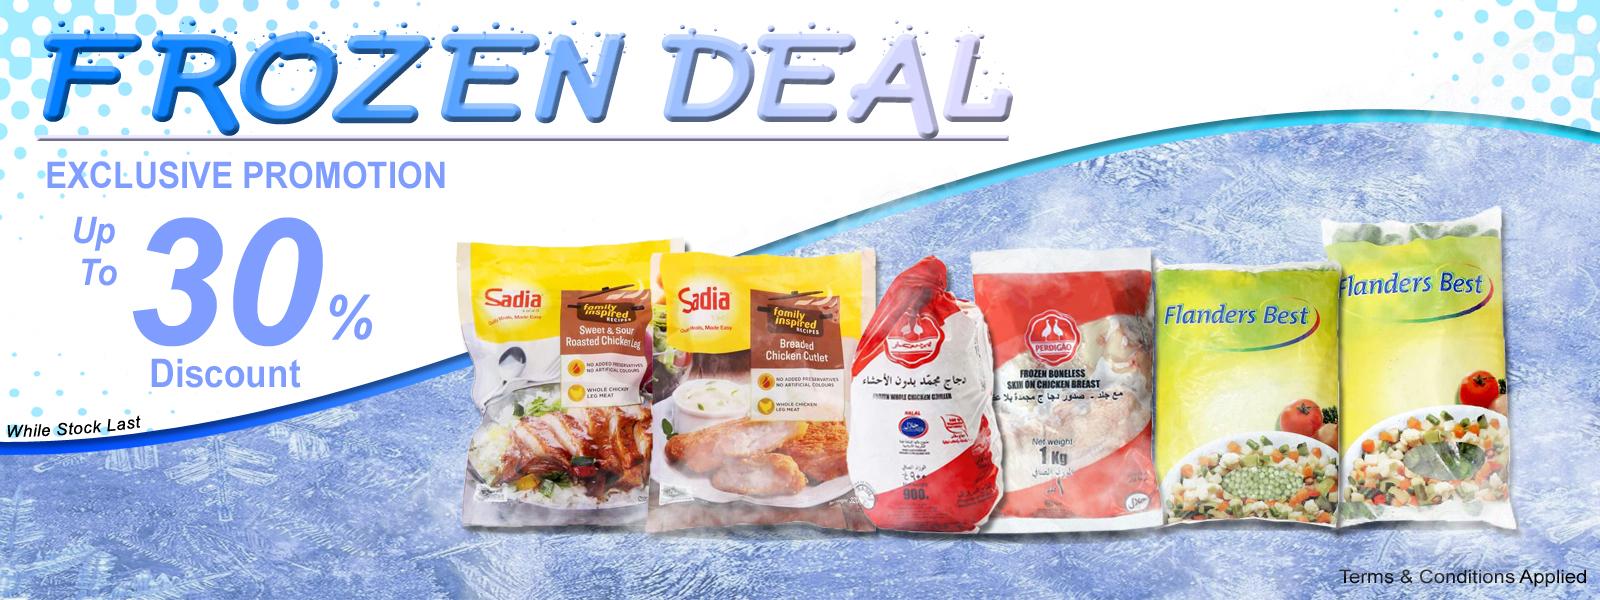 Frozen Deal